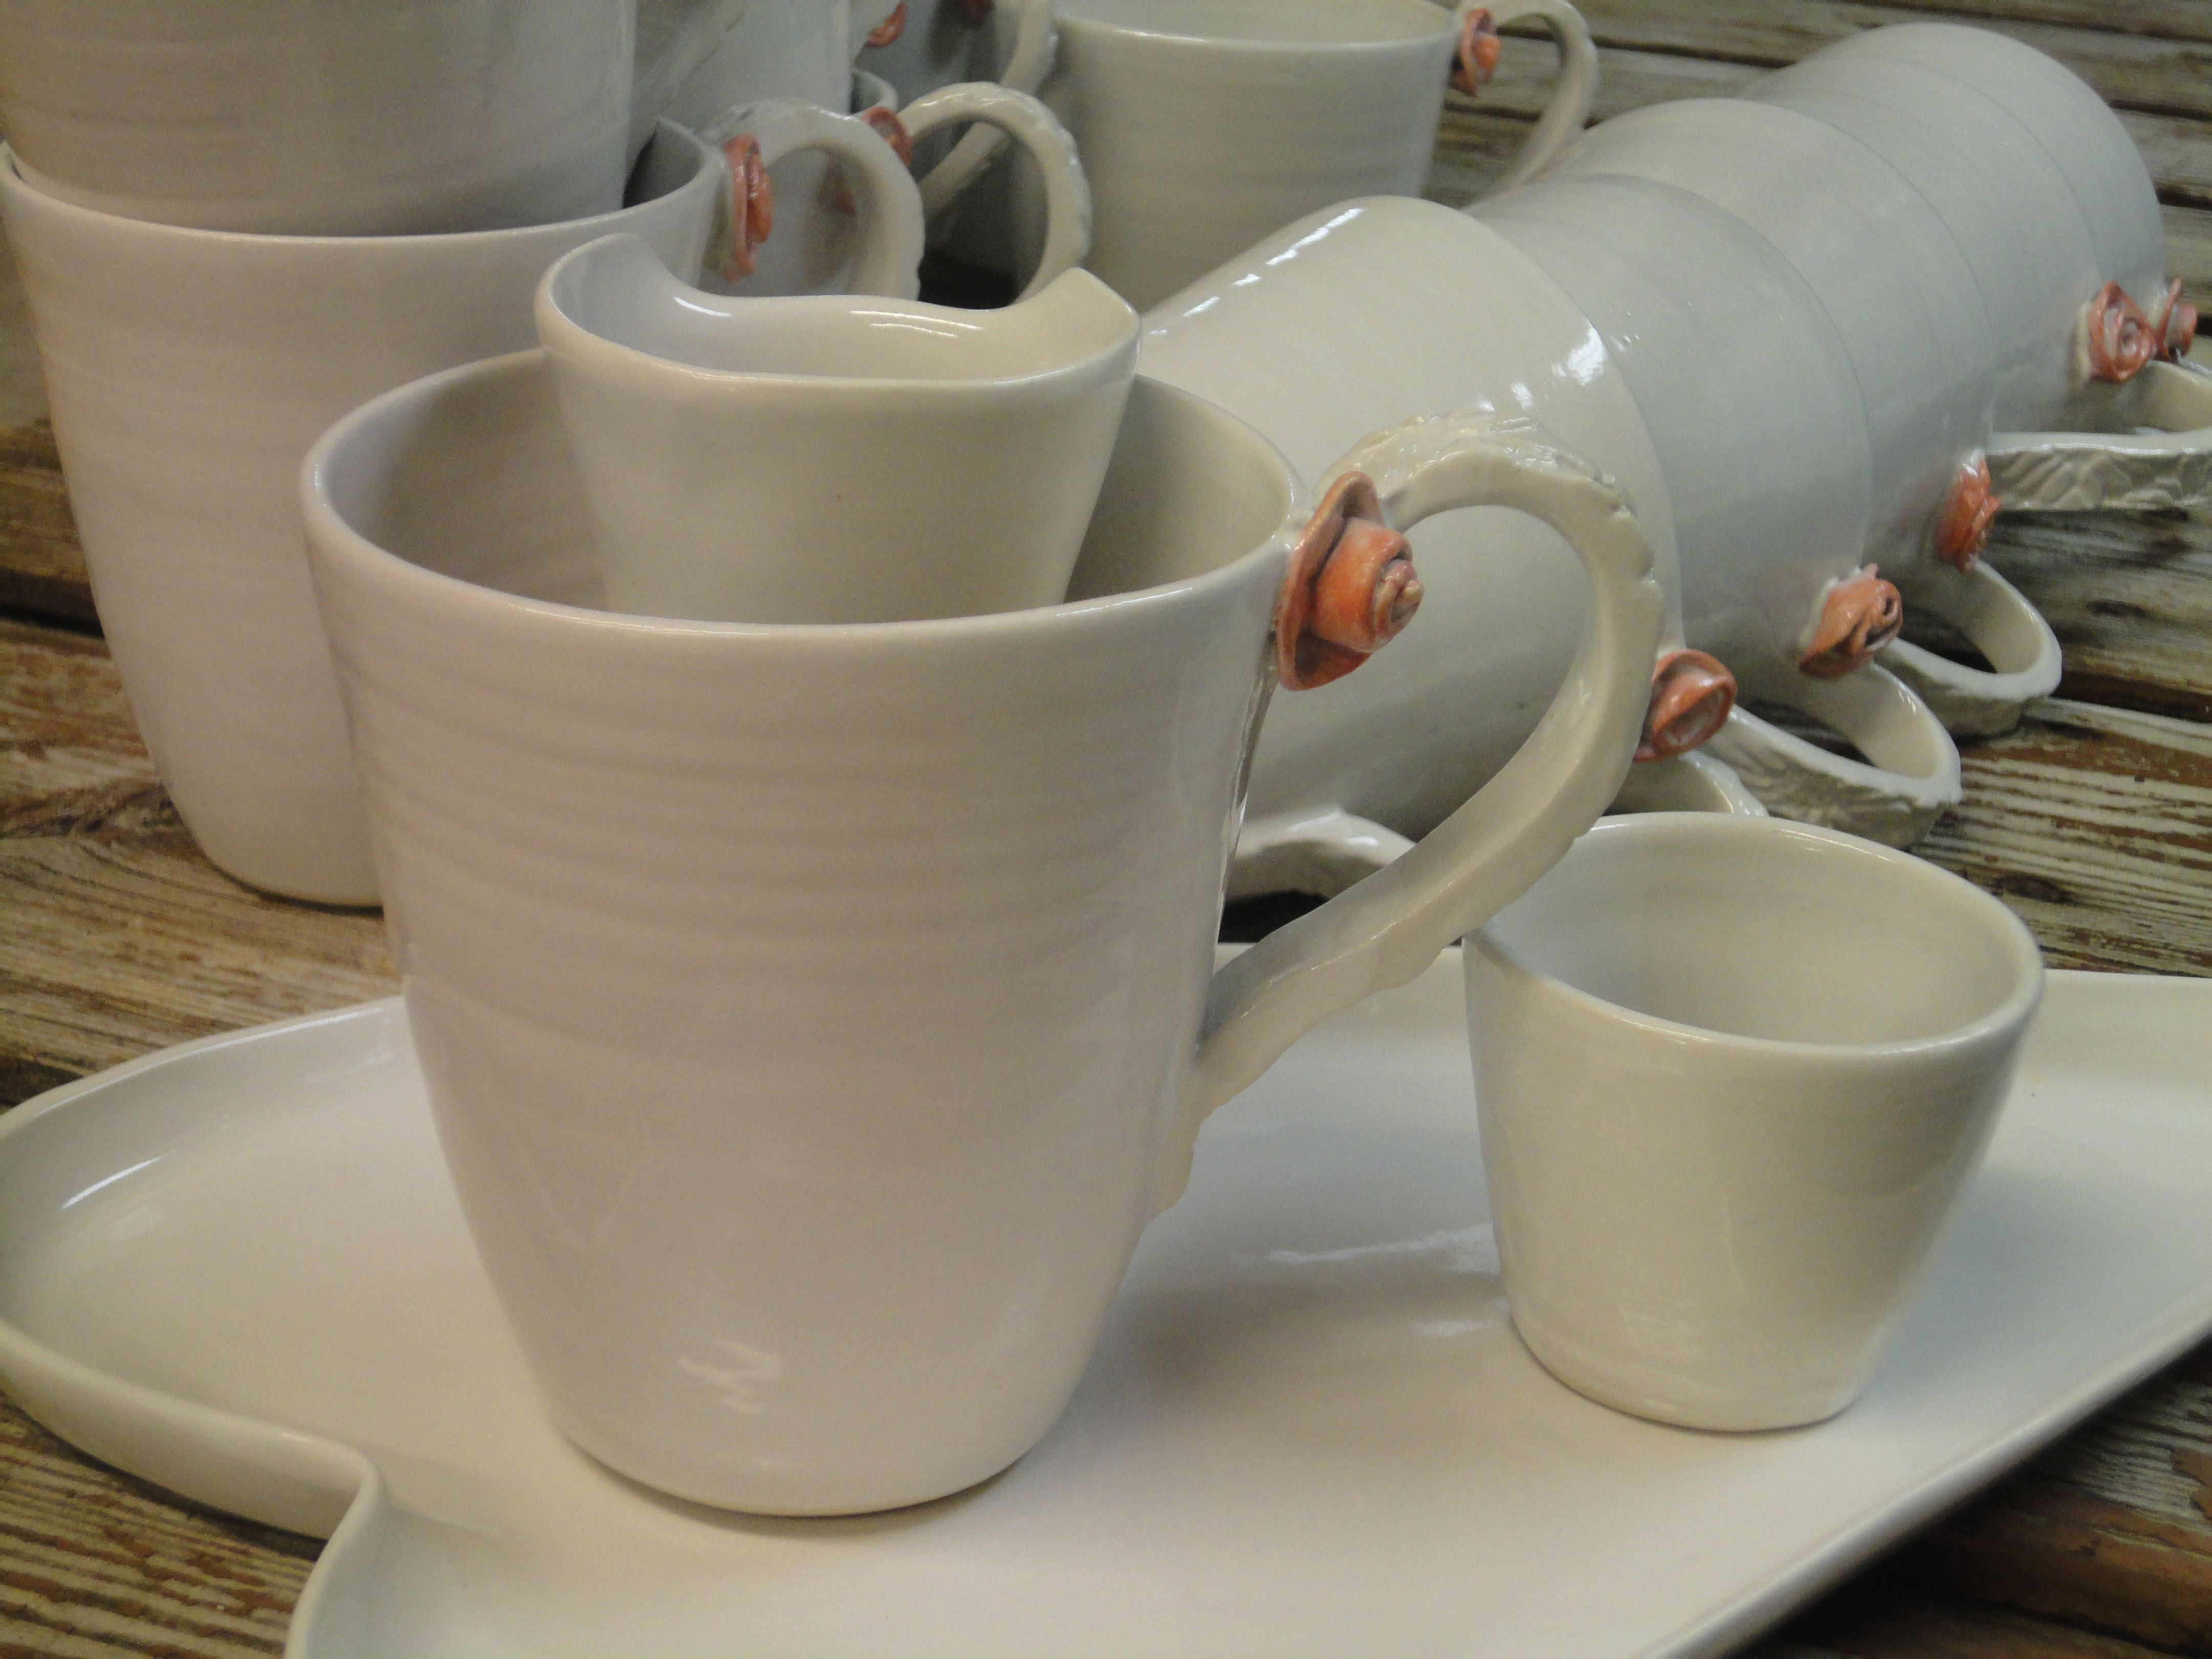 Glasholmen Keramik & Design